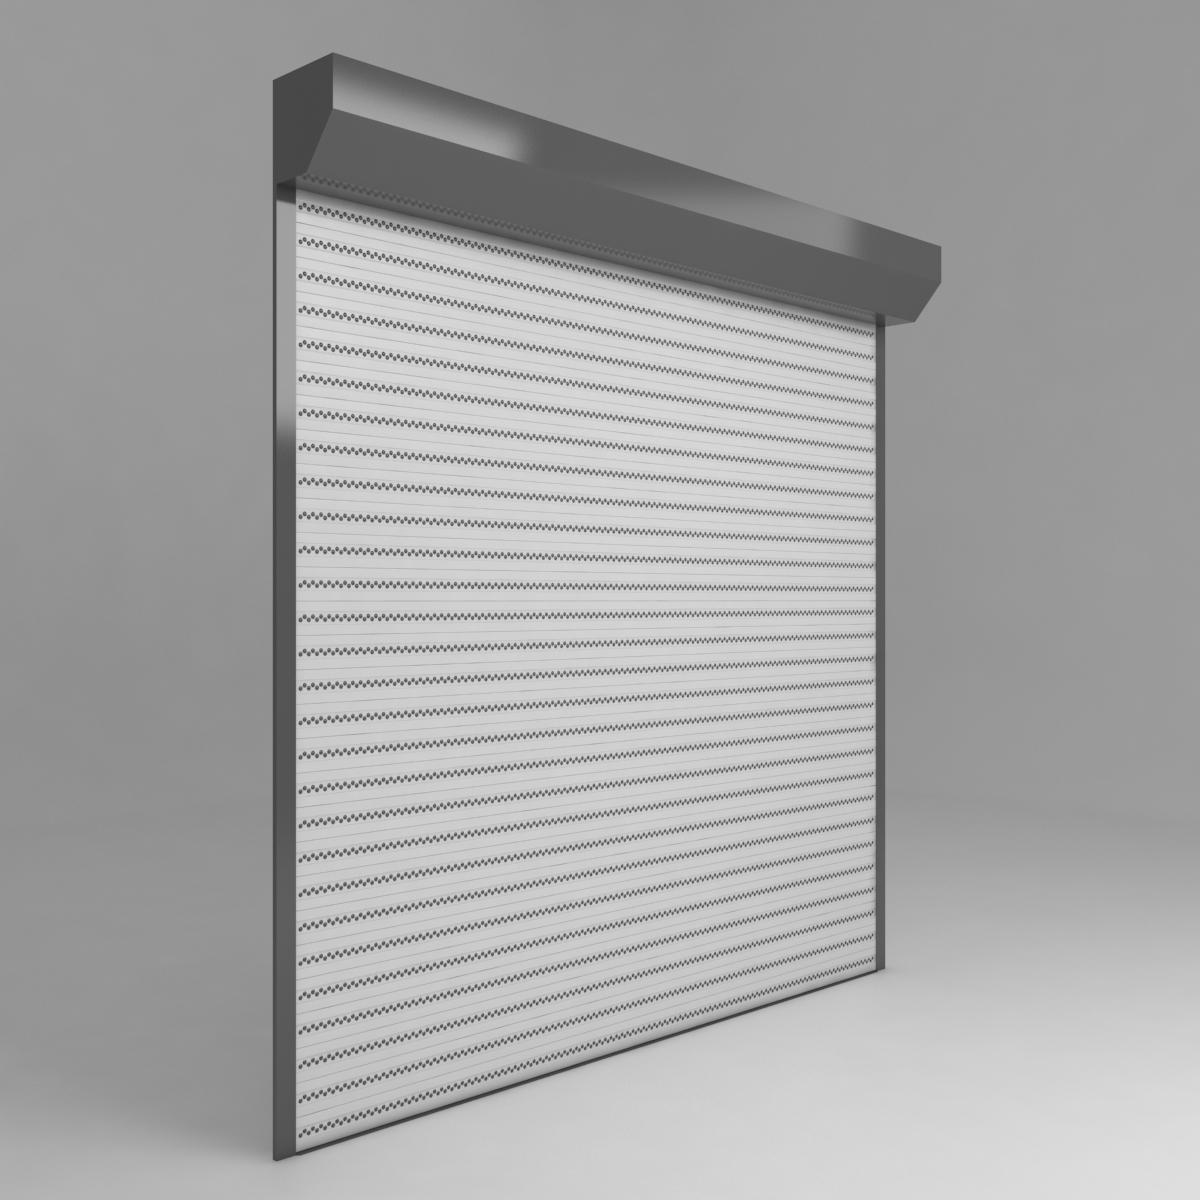 Garage Door Electric Roller Shutter Blinds